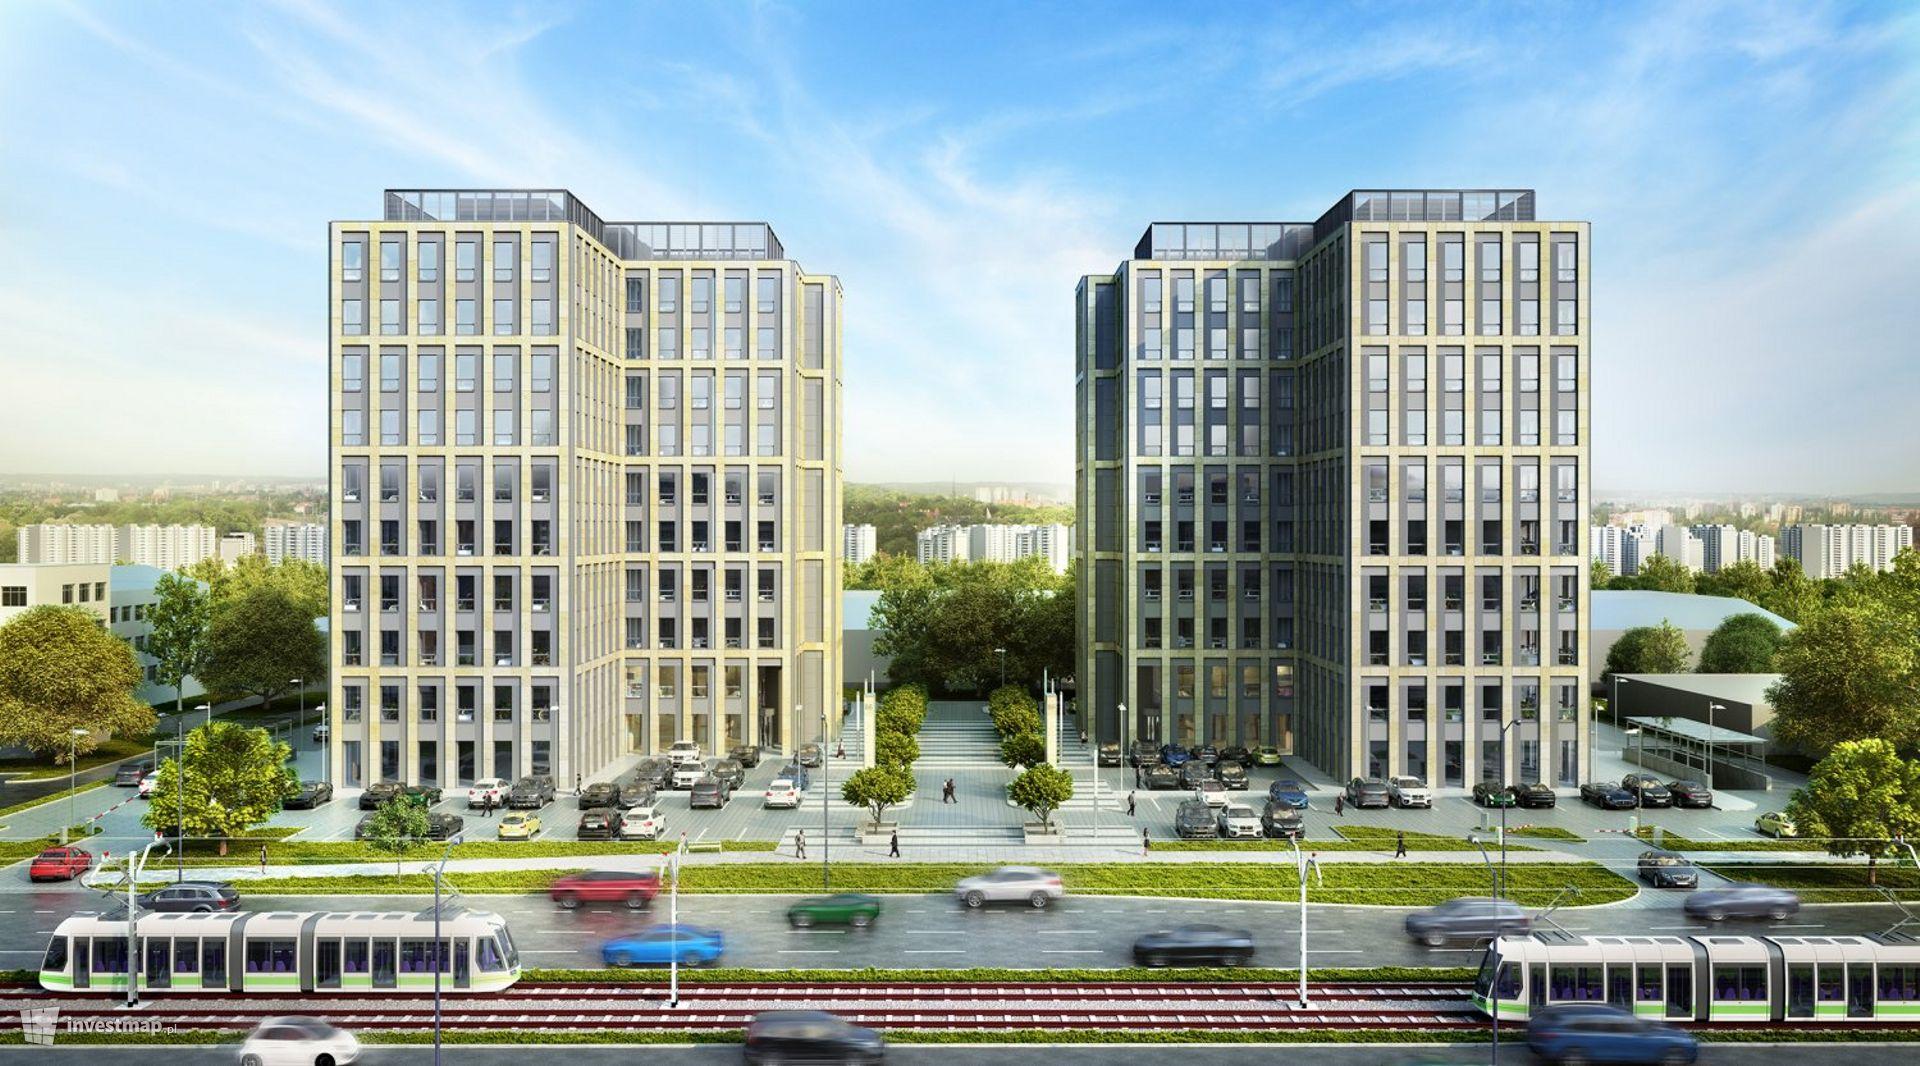 Biurowiec Symetris Business Park